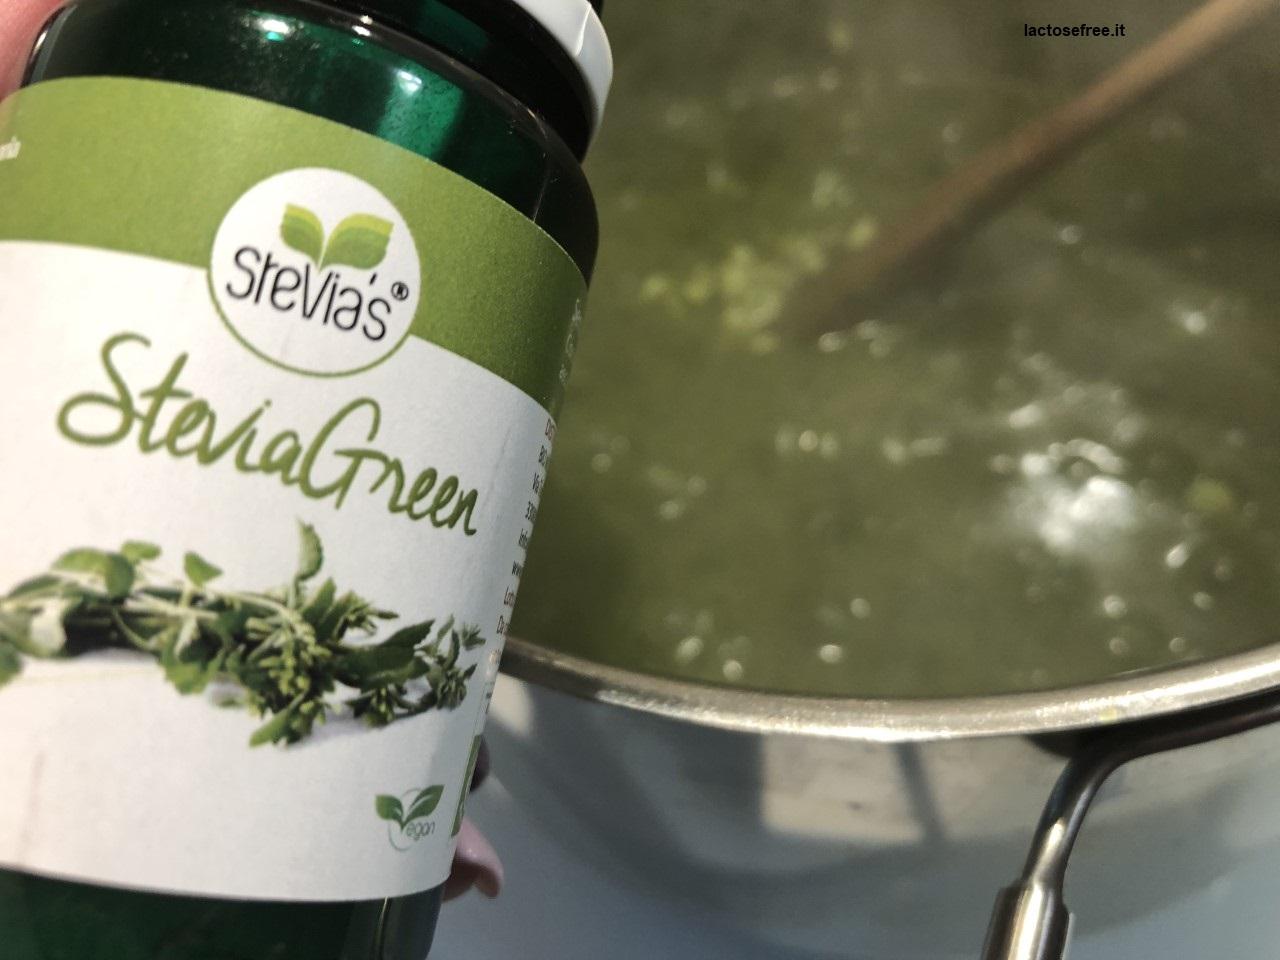 Risotto al cavolo nero stevia e limone_aggiunta stevia biomondo2